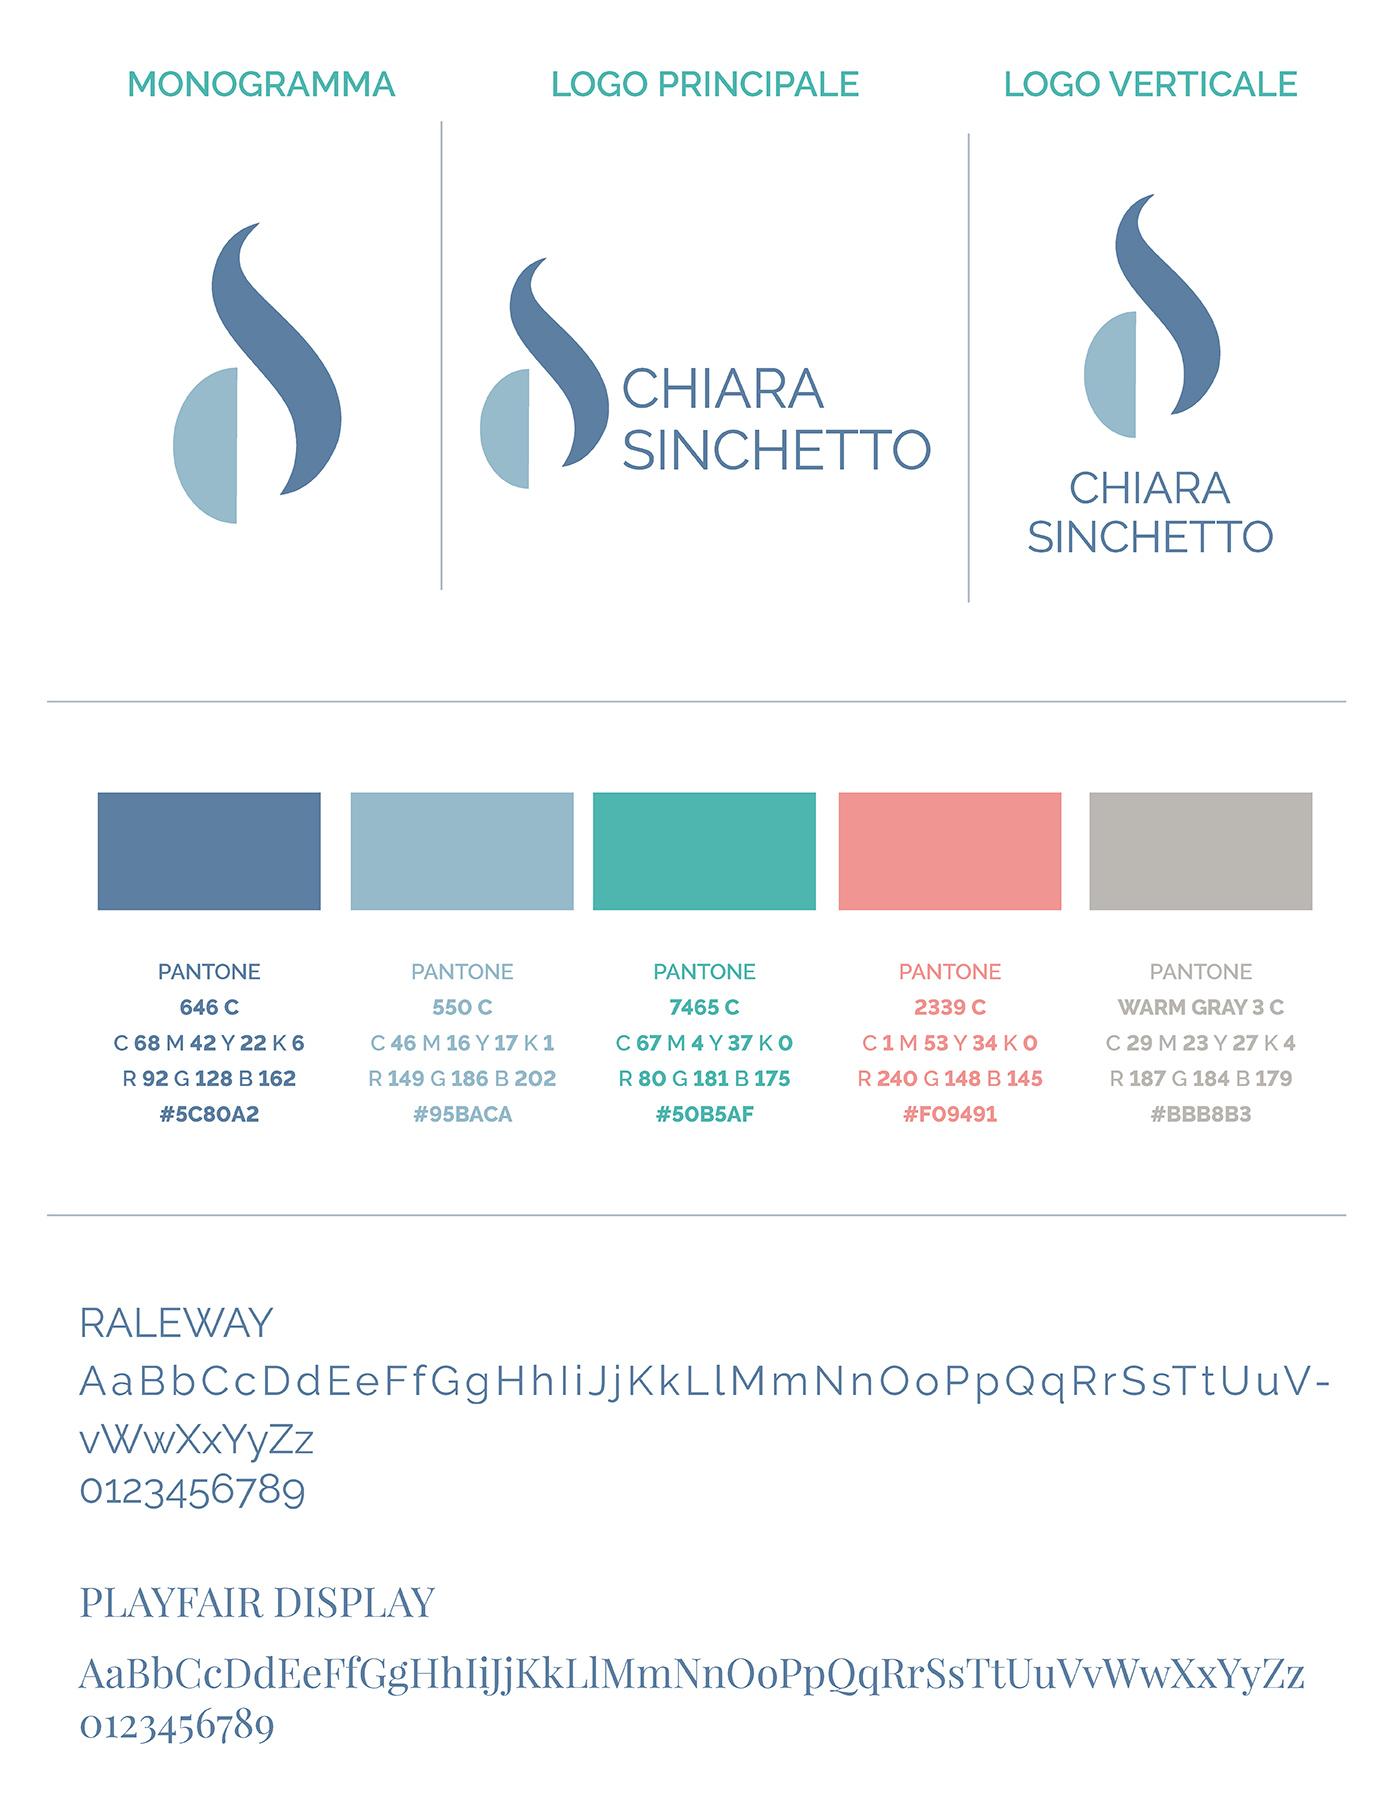 Chiara Sinchetto Identità visiva logo palette colori font di Laura Calascibetta graphic designer